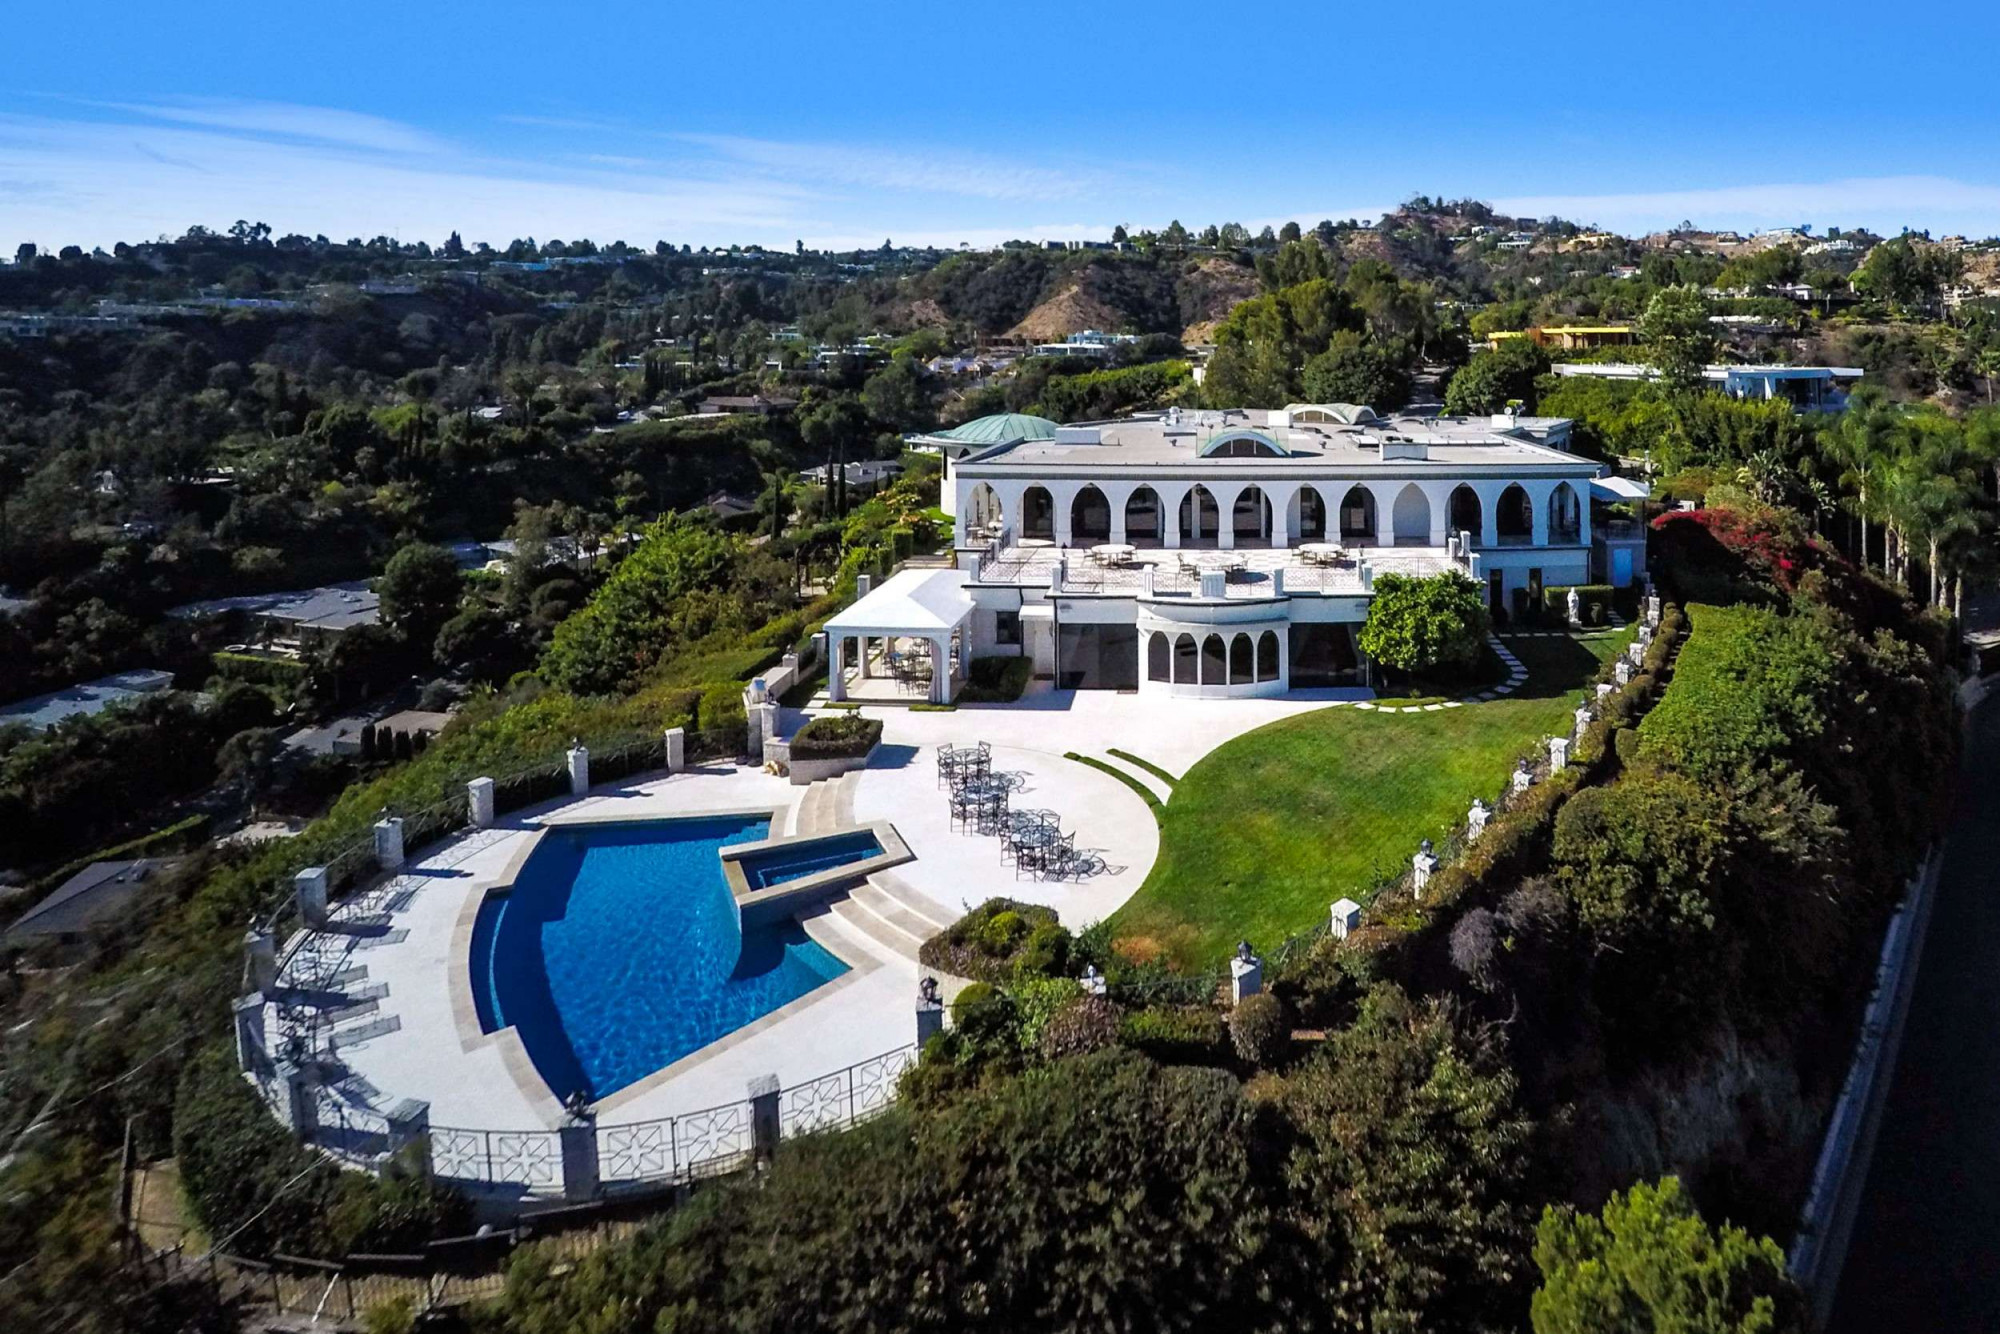 Las Casas Más Caras A La Venta En Eeuu Las 6 Mansiones Por Encima De 100 Millones De Euros Idealista News